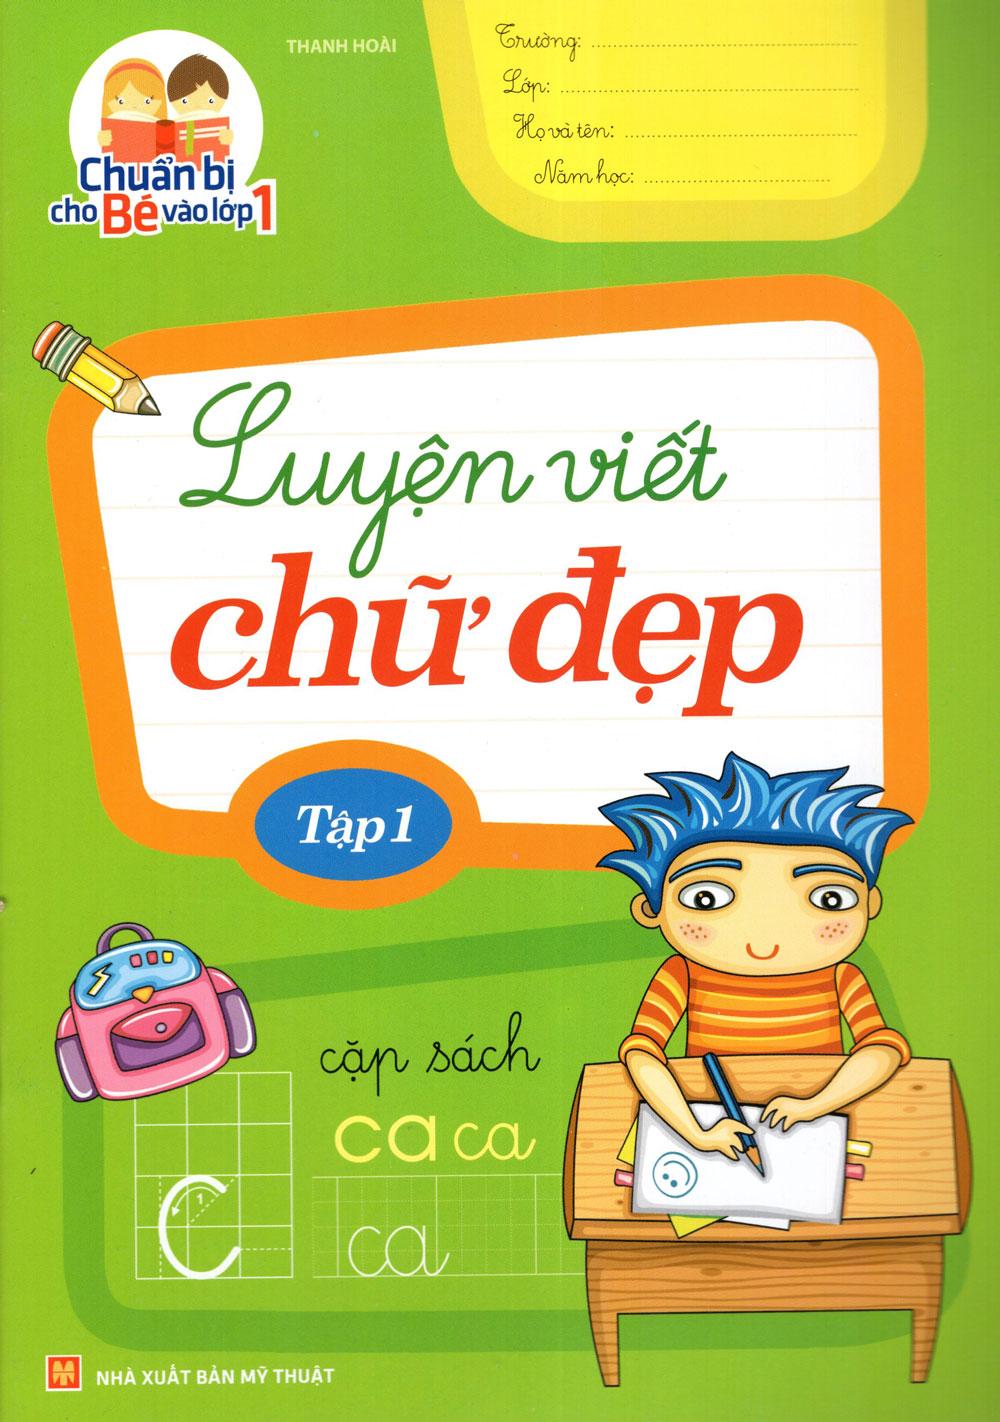 Bìa sách Chuẩn Bị Cho Bé Vào Lớp 1 - Luyện Viết Chữ Đẹp (Tập 1)